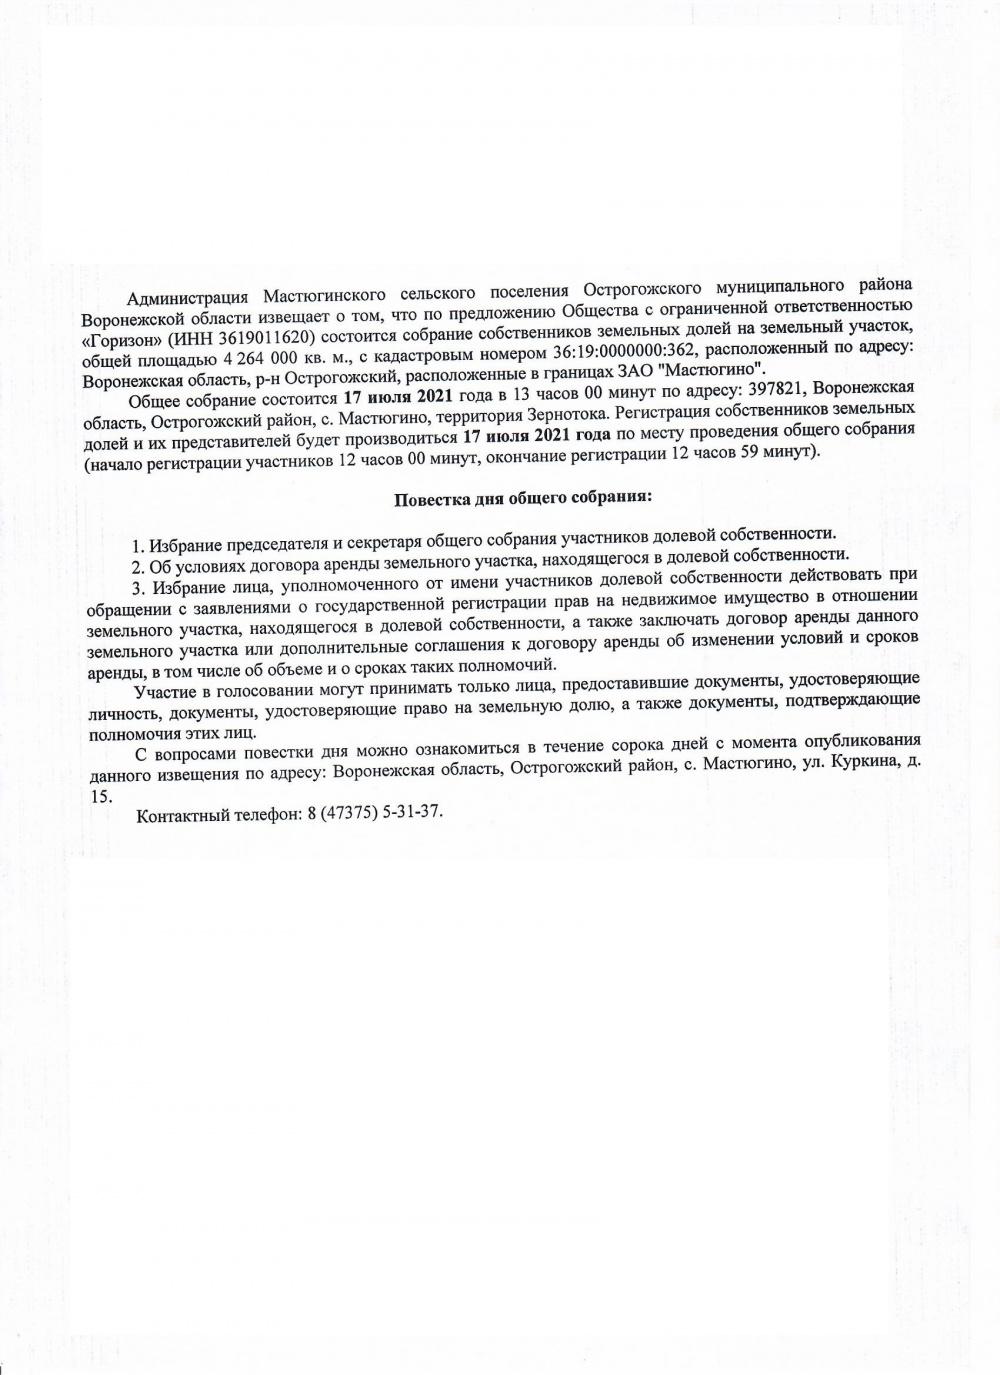 Объявление о проведении собрания пайщиков 17.07.2021